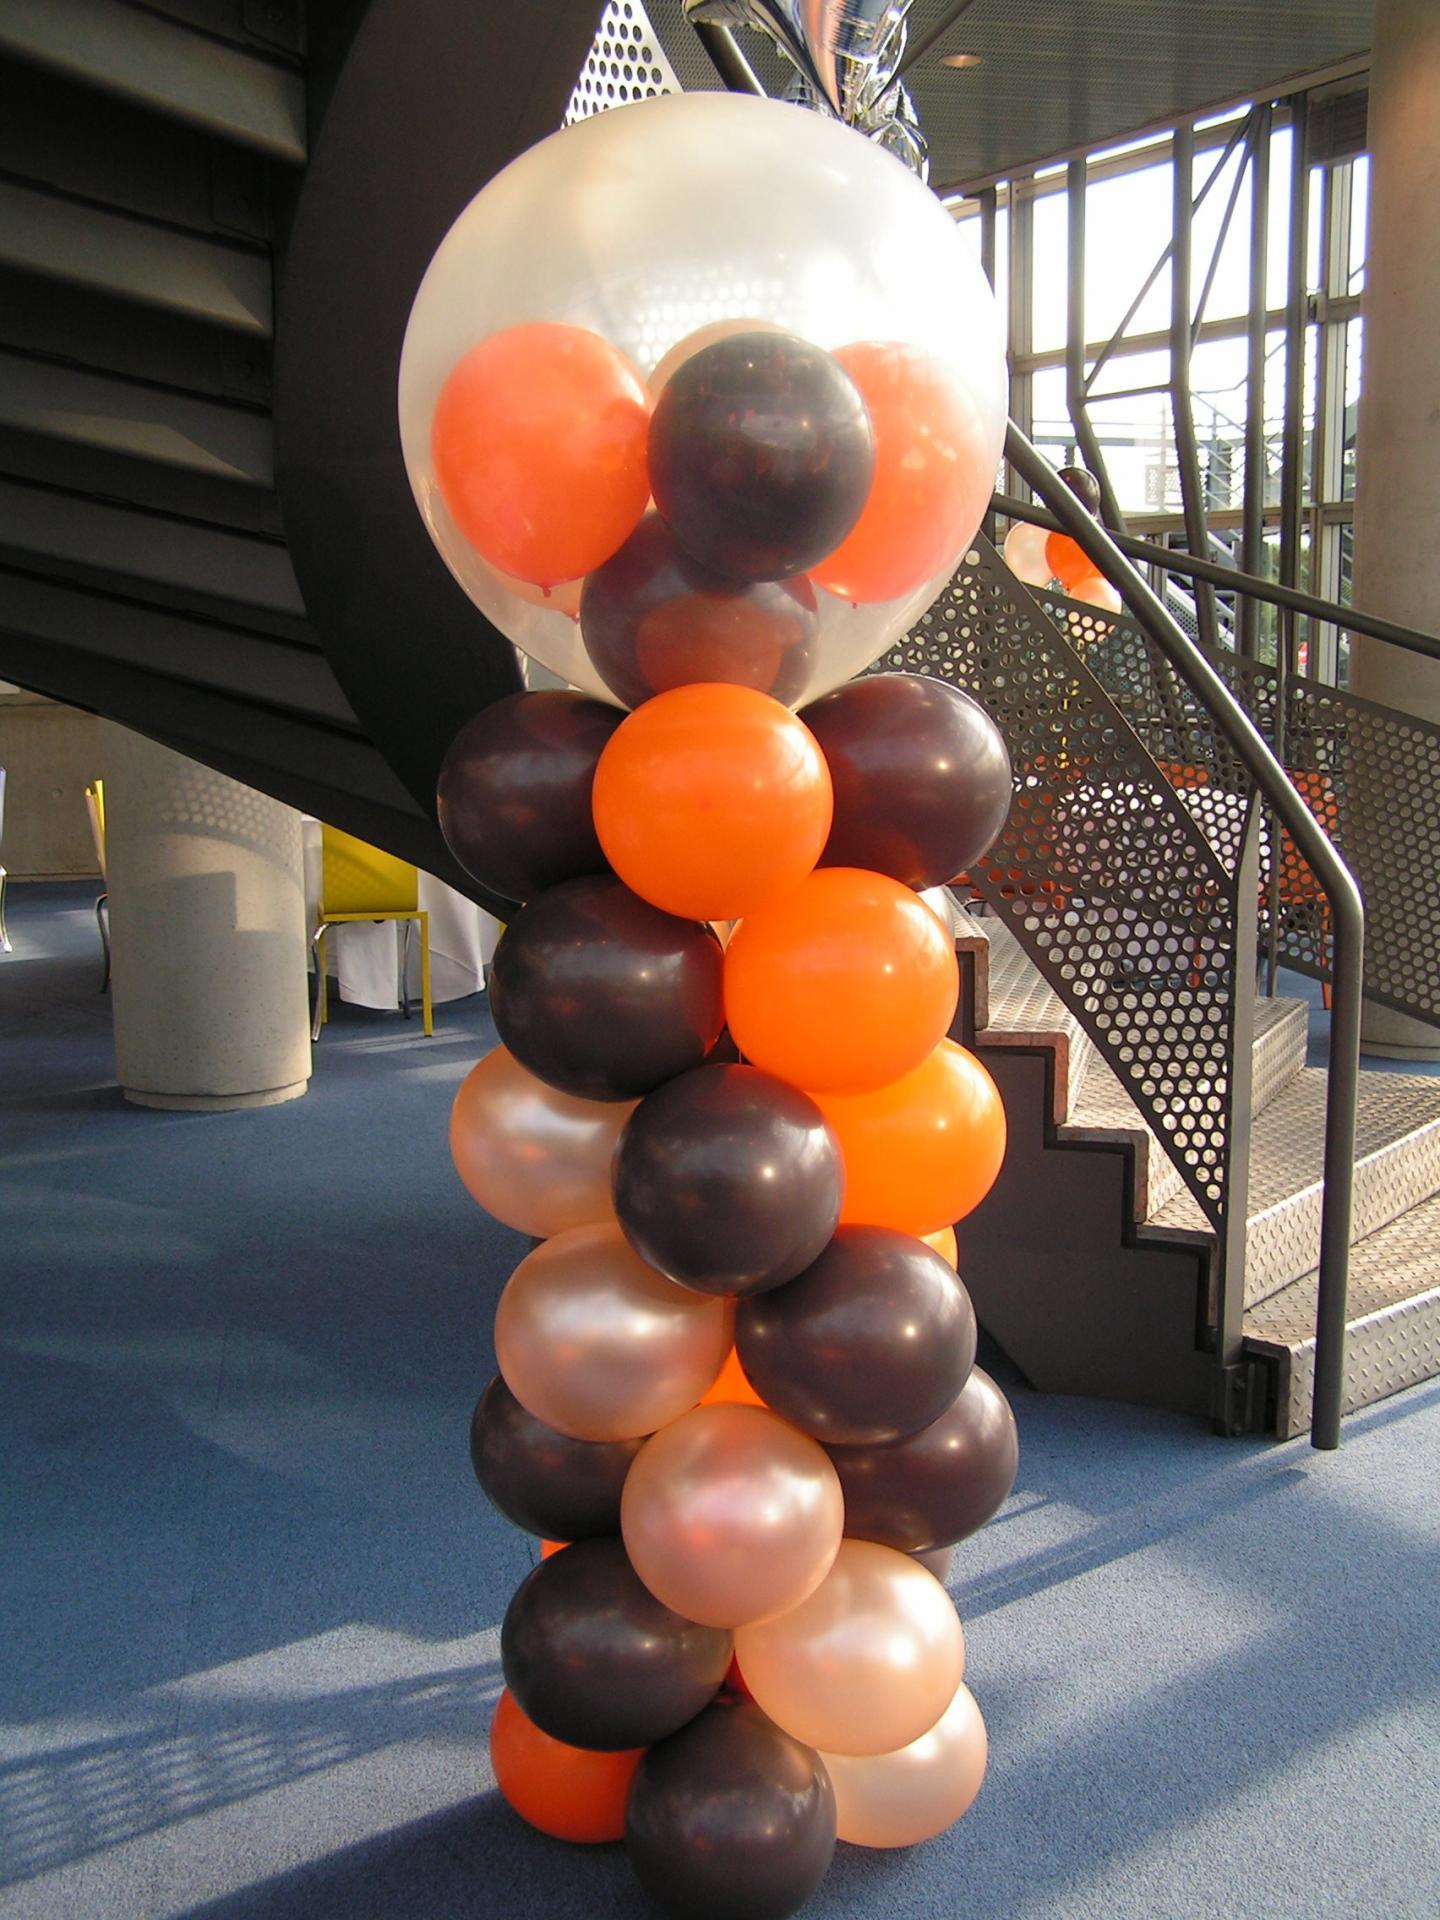 Colonne de Ballons avec gros ballon